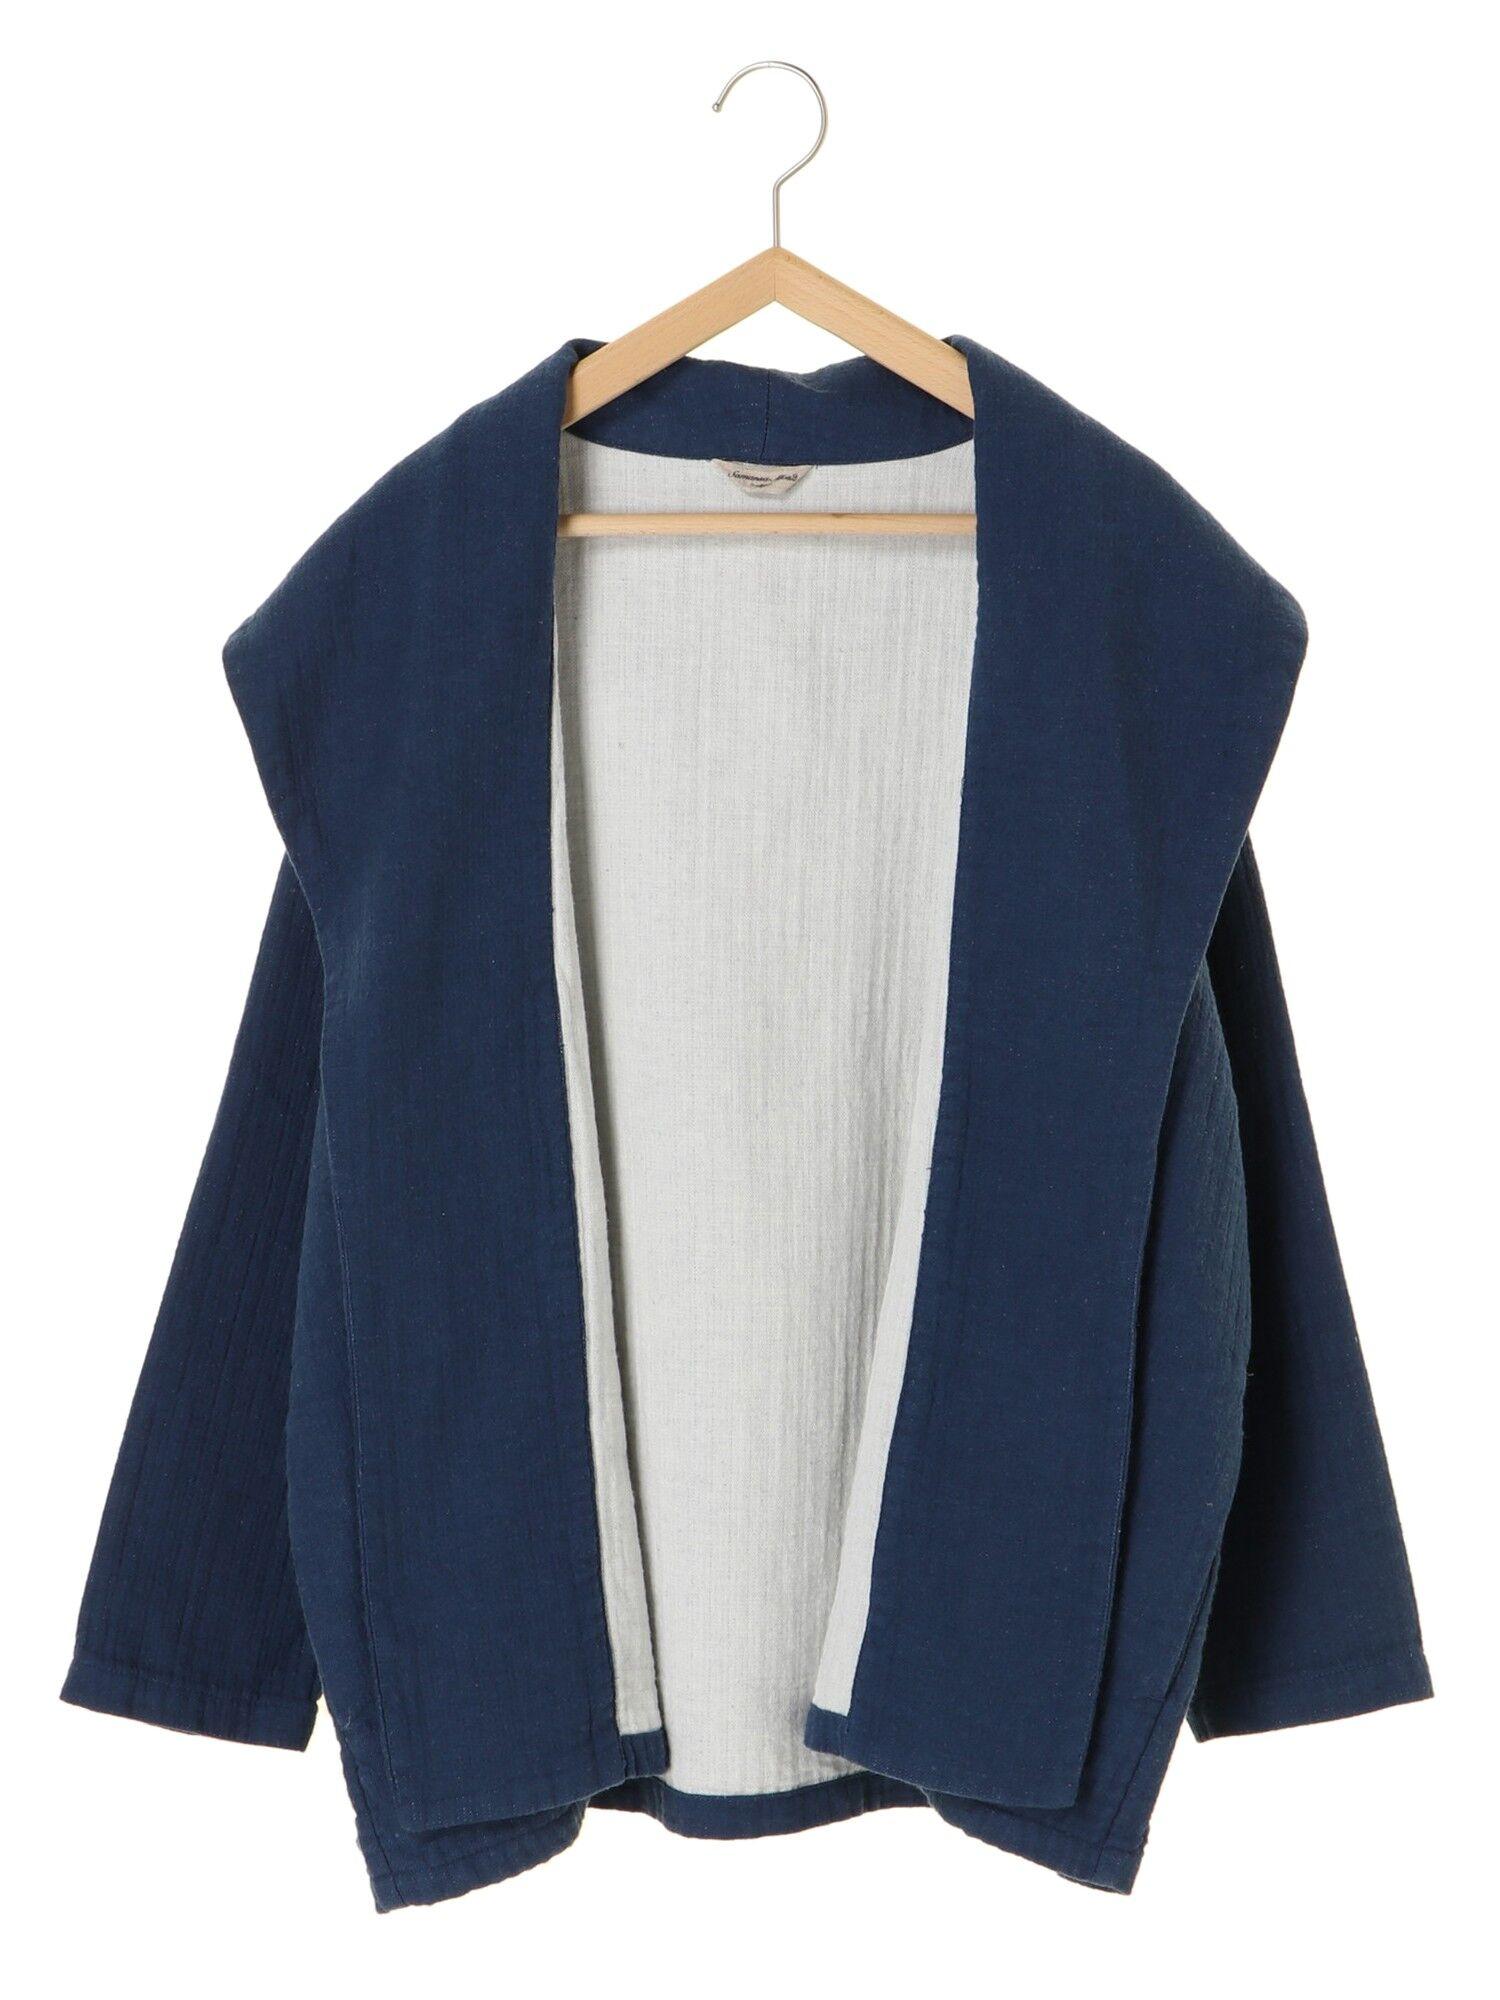 綿麻配色ショールジャケット